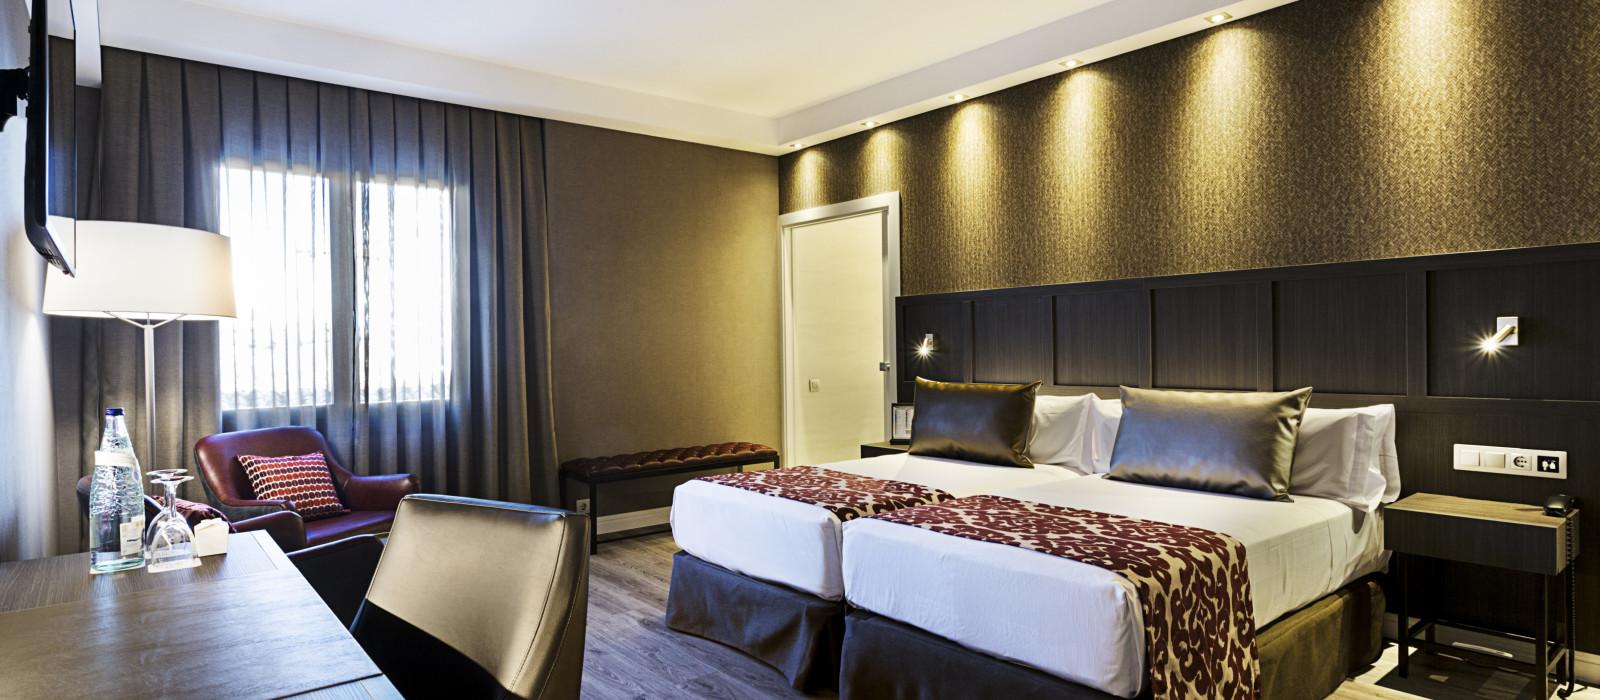 Hotel Catalonia Ronda Spain